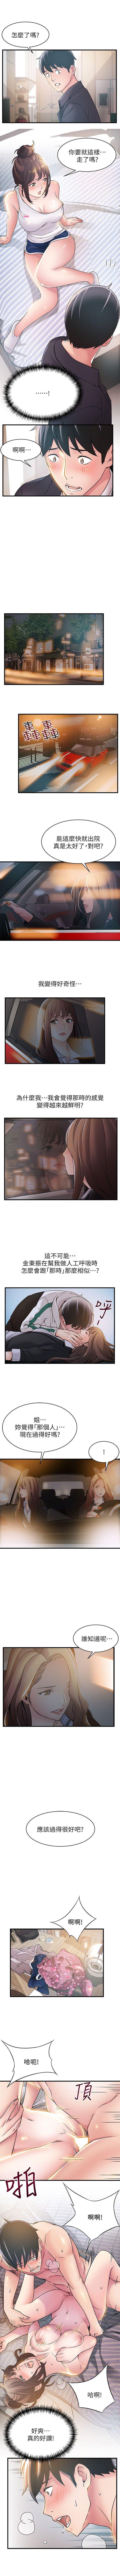 (周7)弱点 1-66 中文翻译(更新中) 114